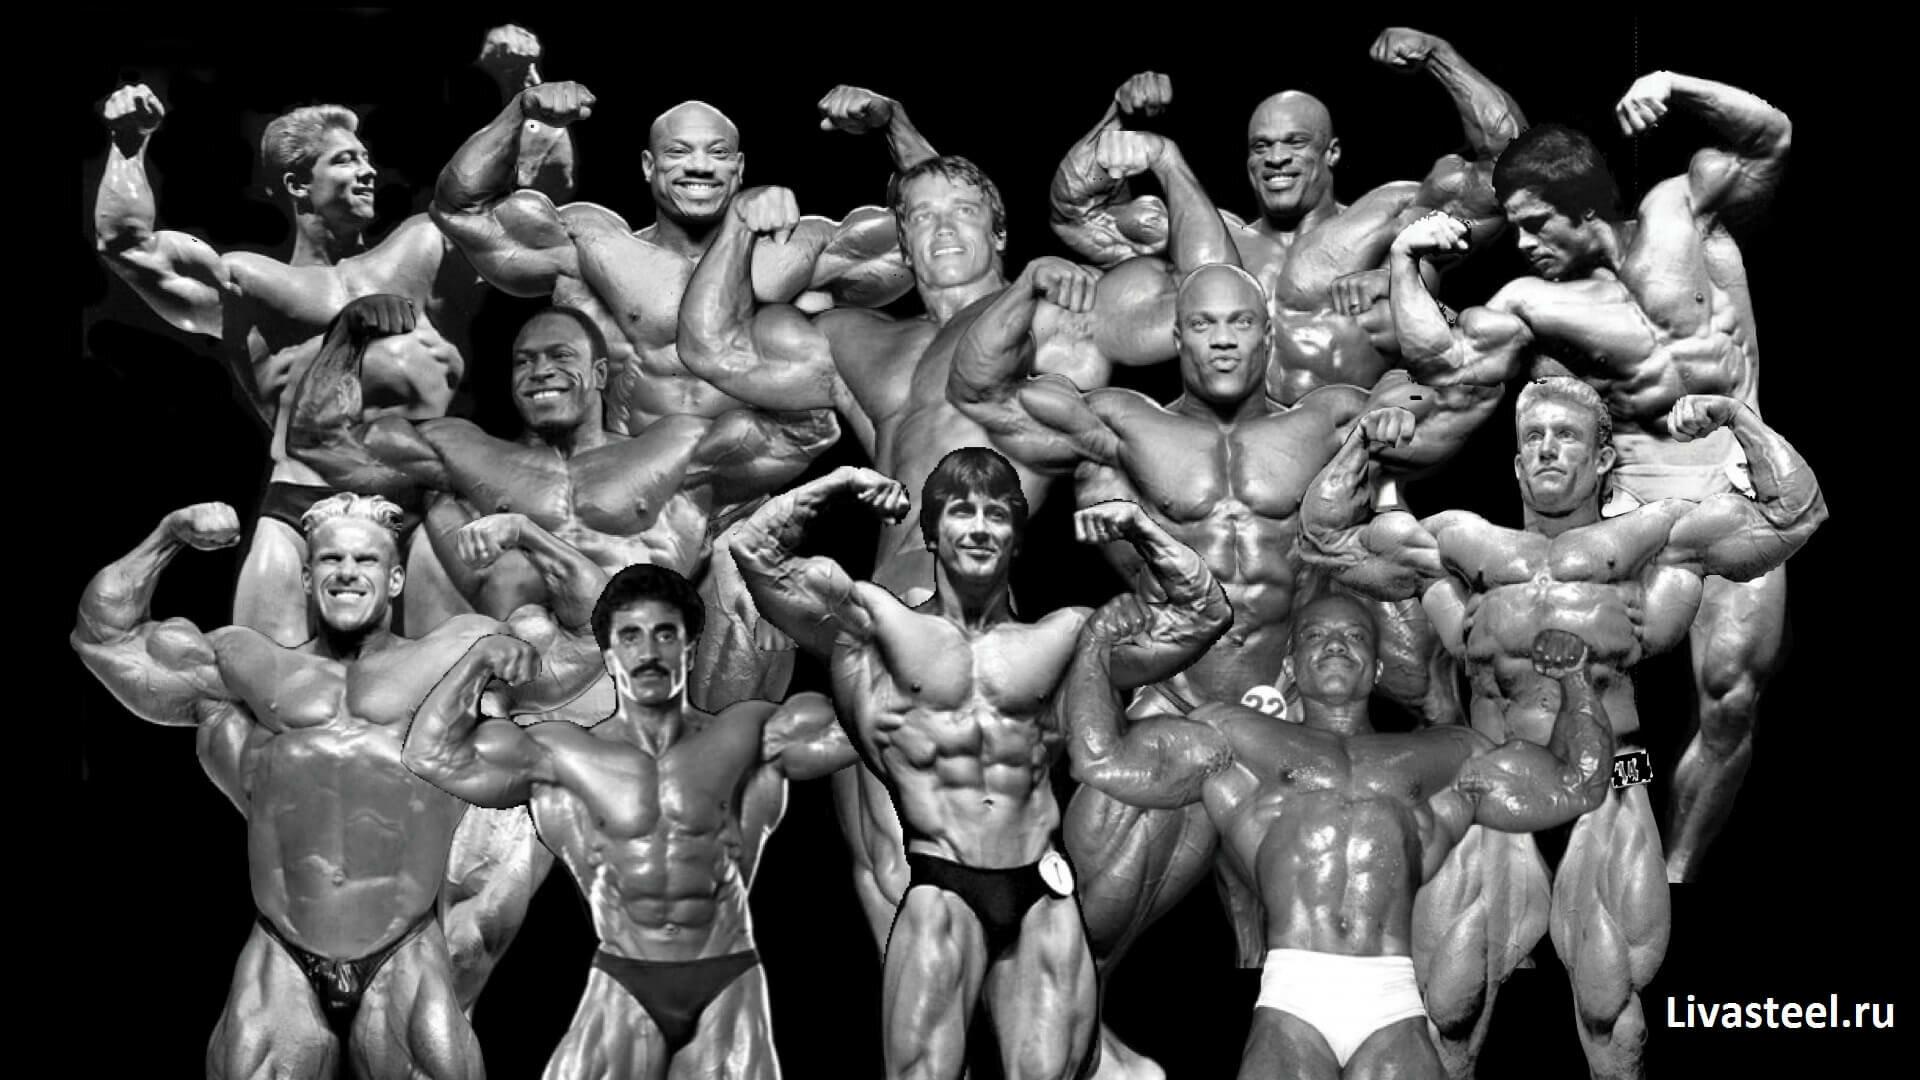 Все победители мистер олимпия за всю историю: таблица по годам